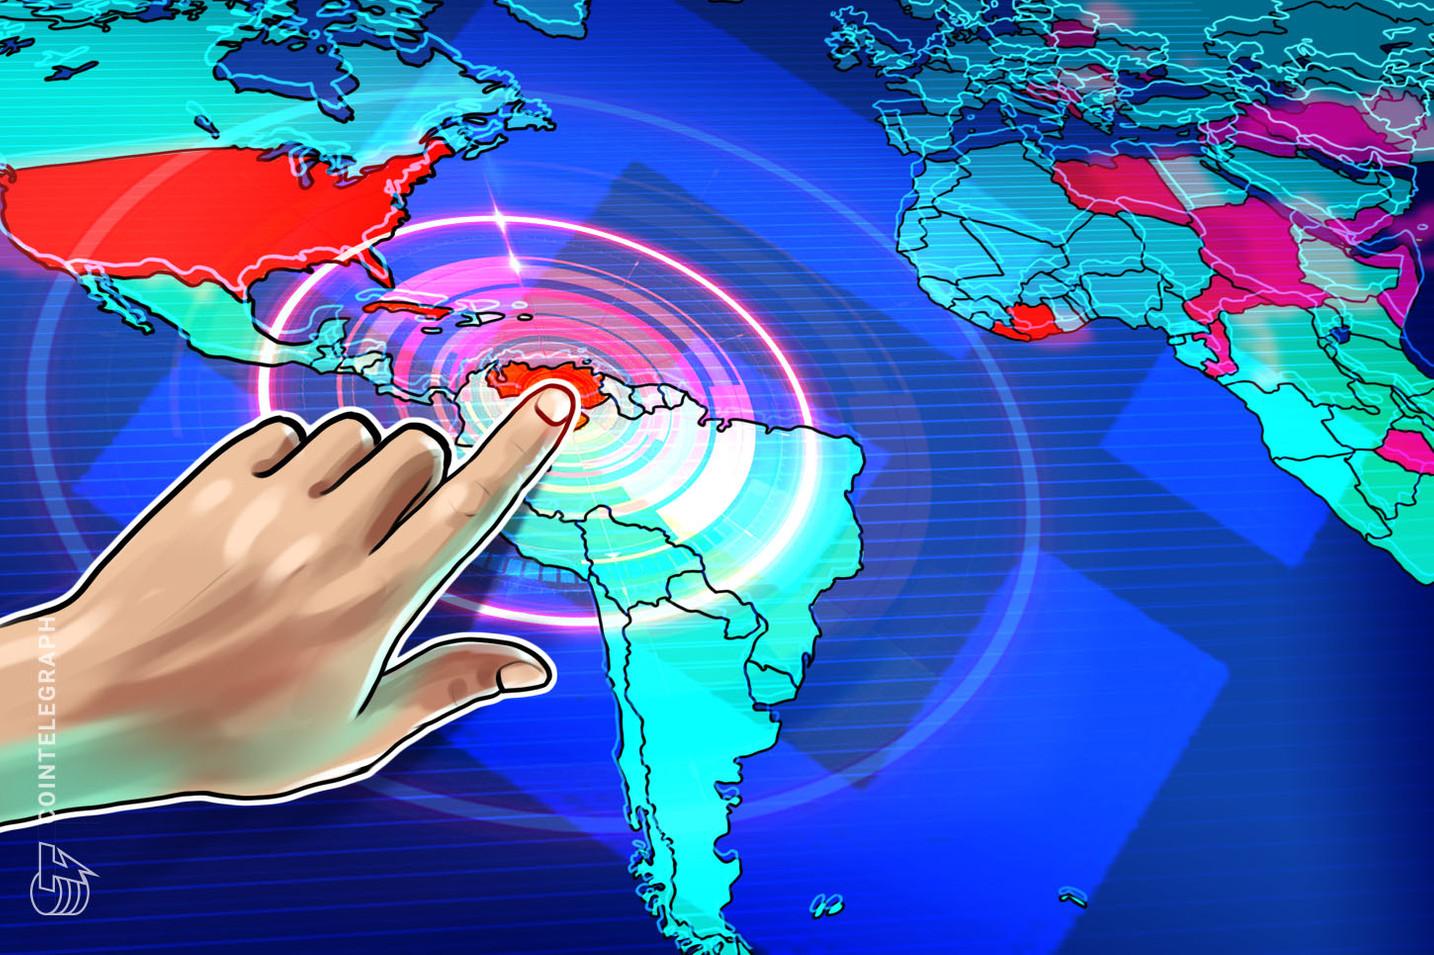 Binance nel mirino: i regolatori stanno prestando attenzione alle crypto?